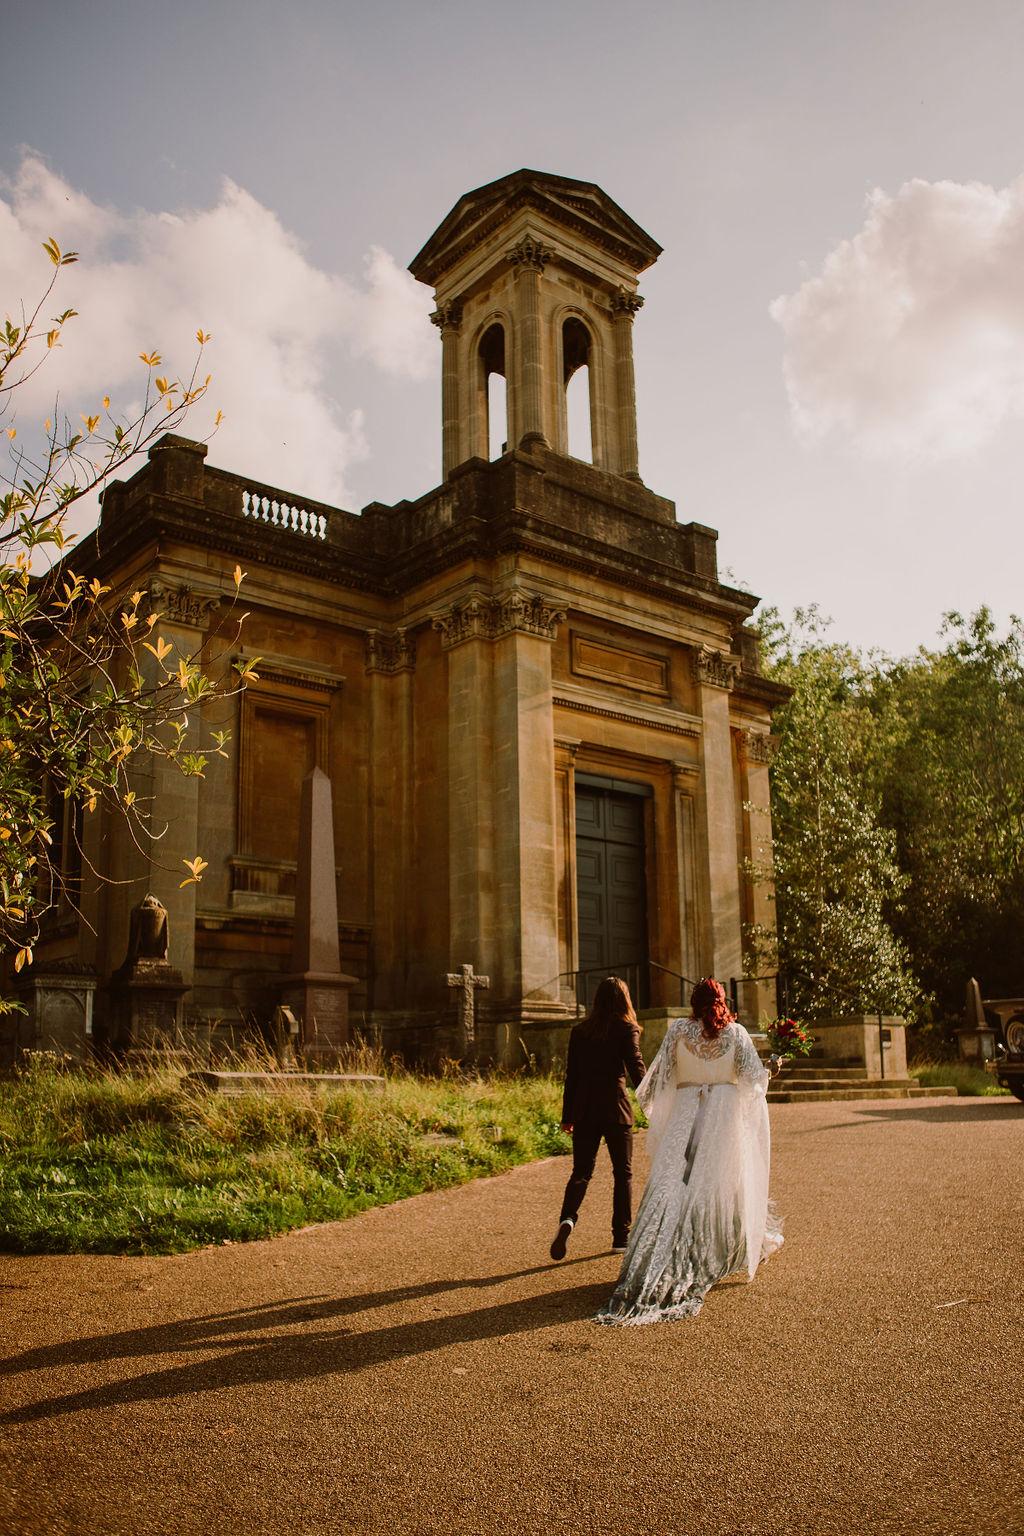 arnos vale - alternative wedding venue in bristol - micro wedding